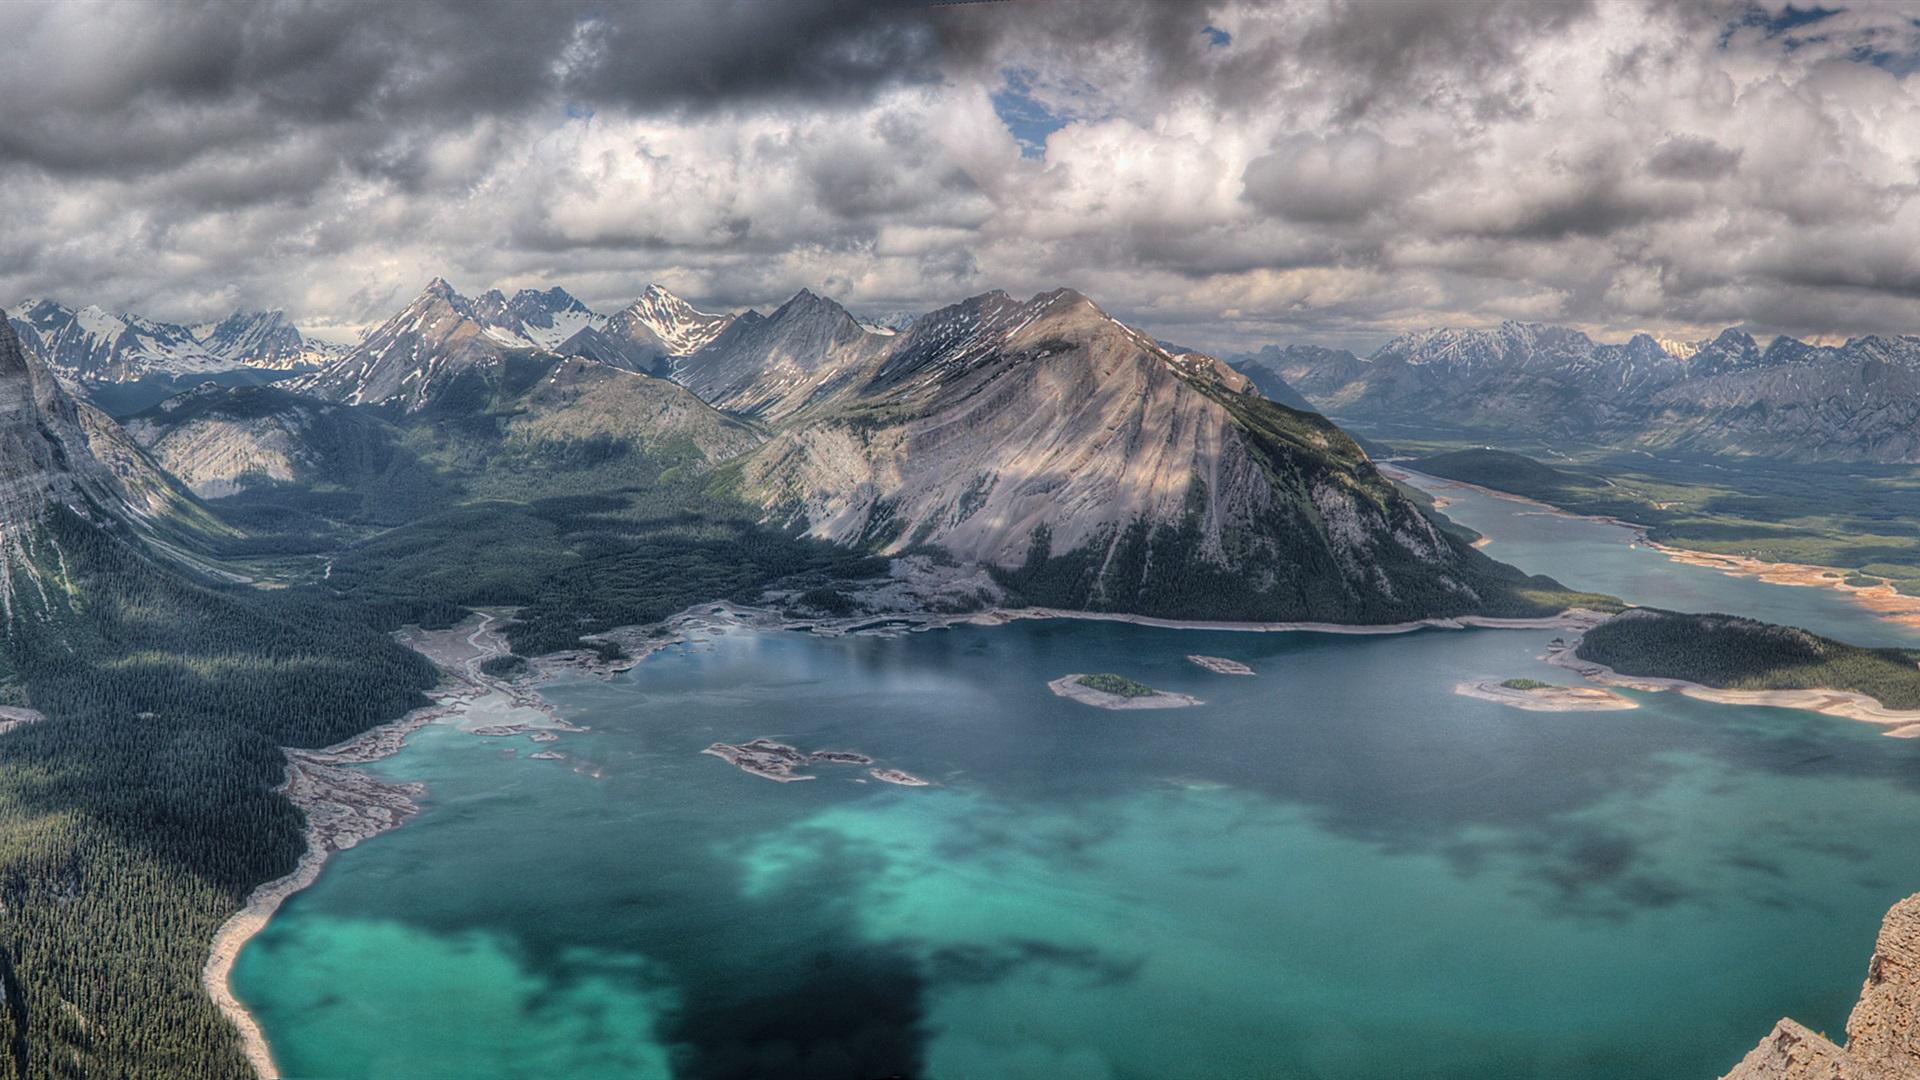 природа горы облака озеро небо облака бесплатно